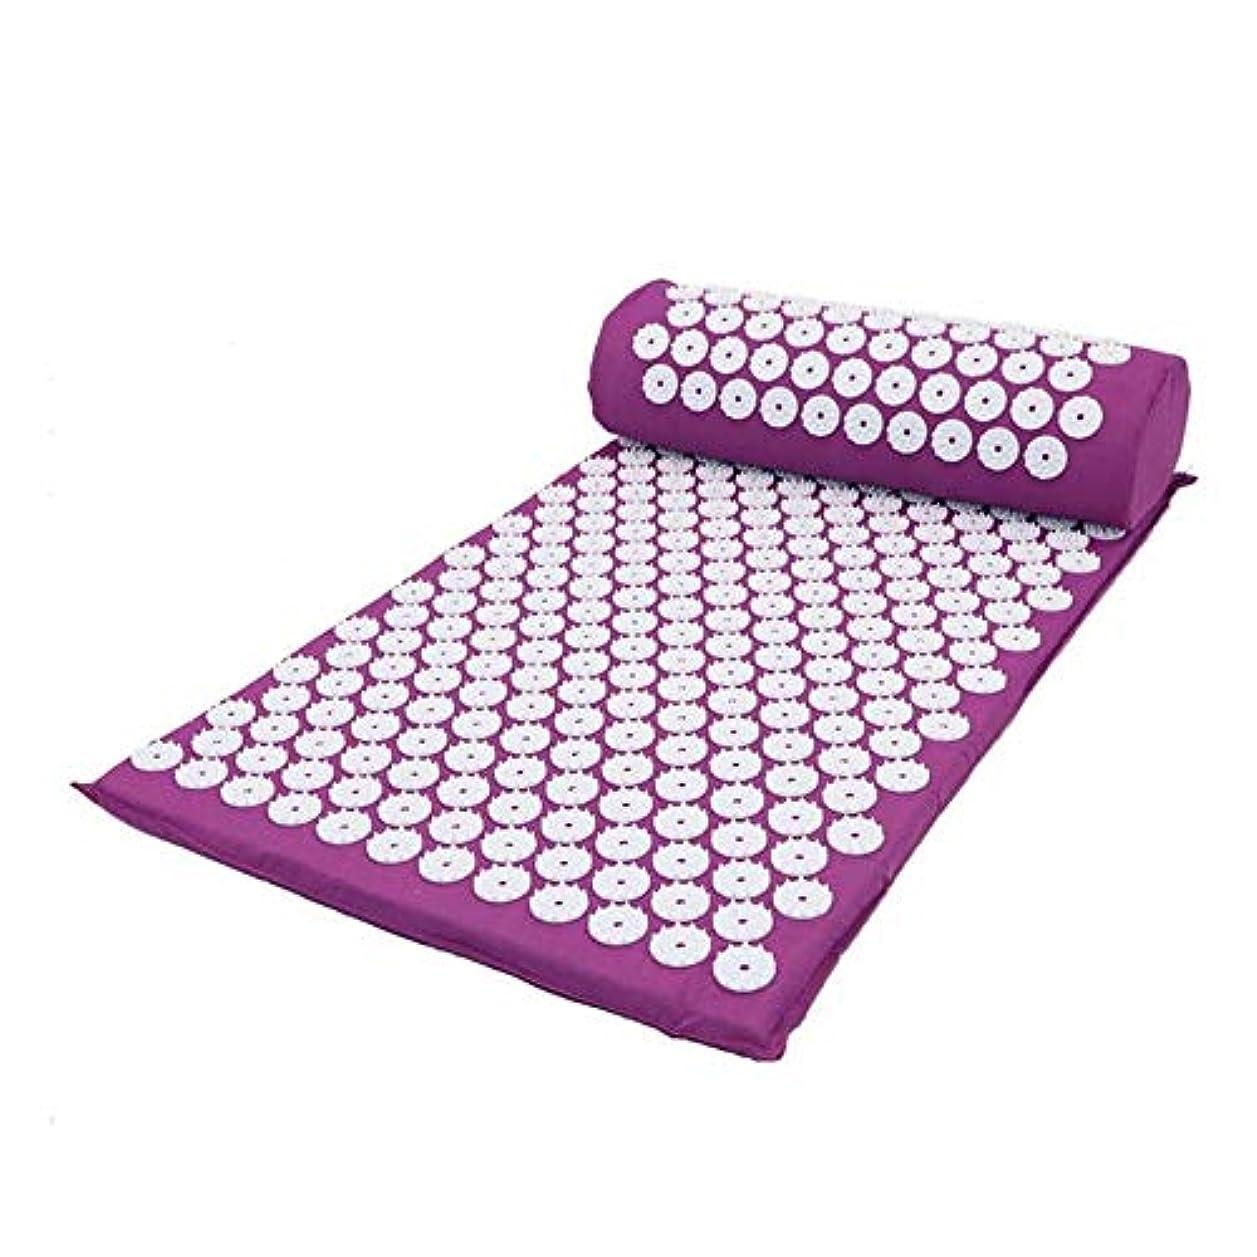 変装リア王アメリカDecdeal ヨガマット マッサージクッション 指圧マット枕 折り畳み 健康 血流促進